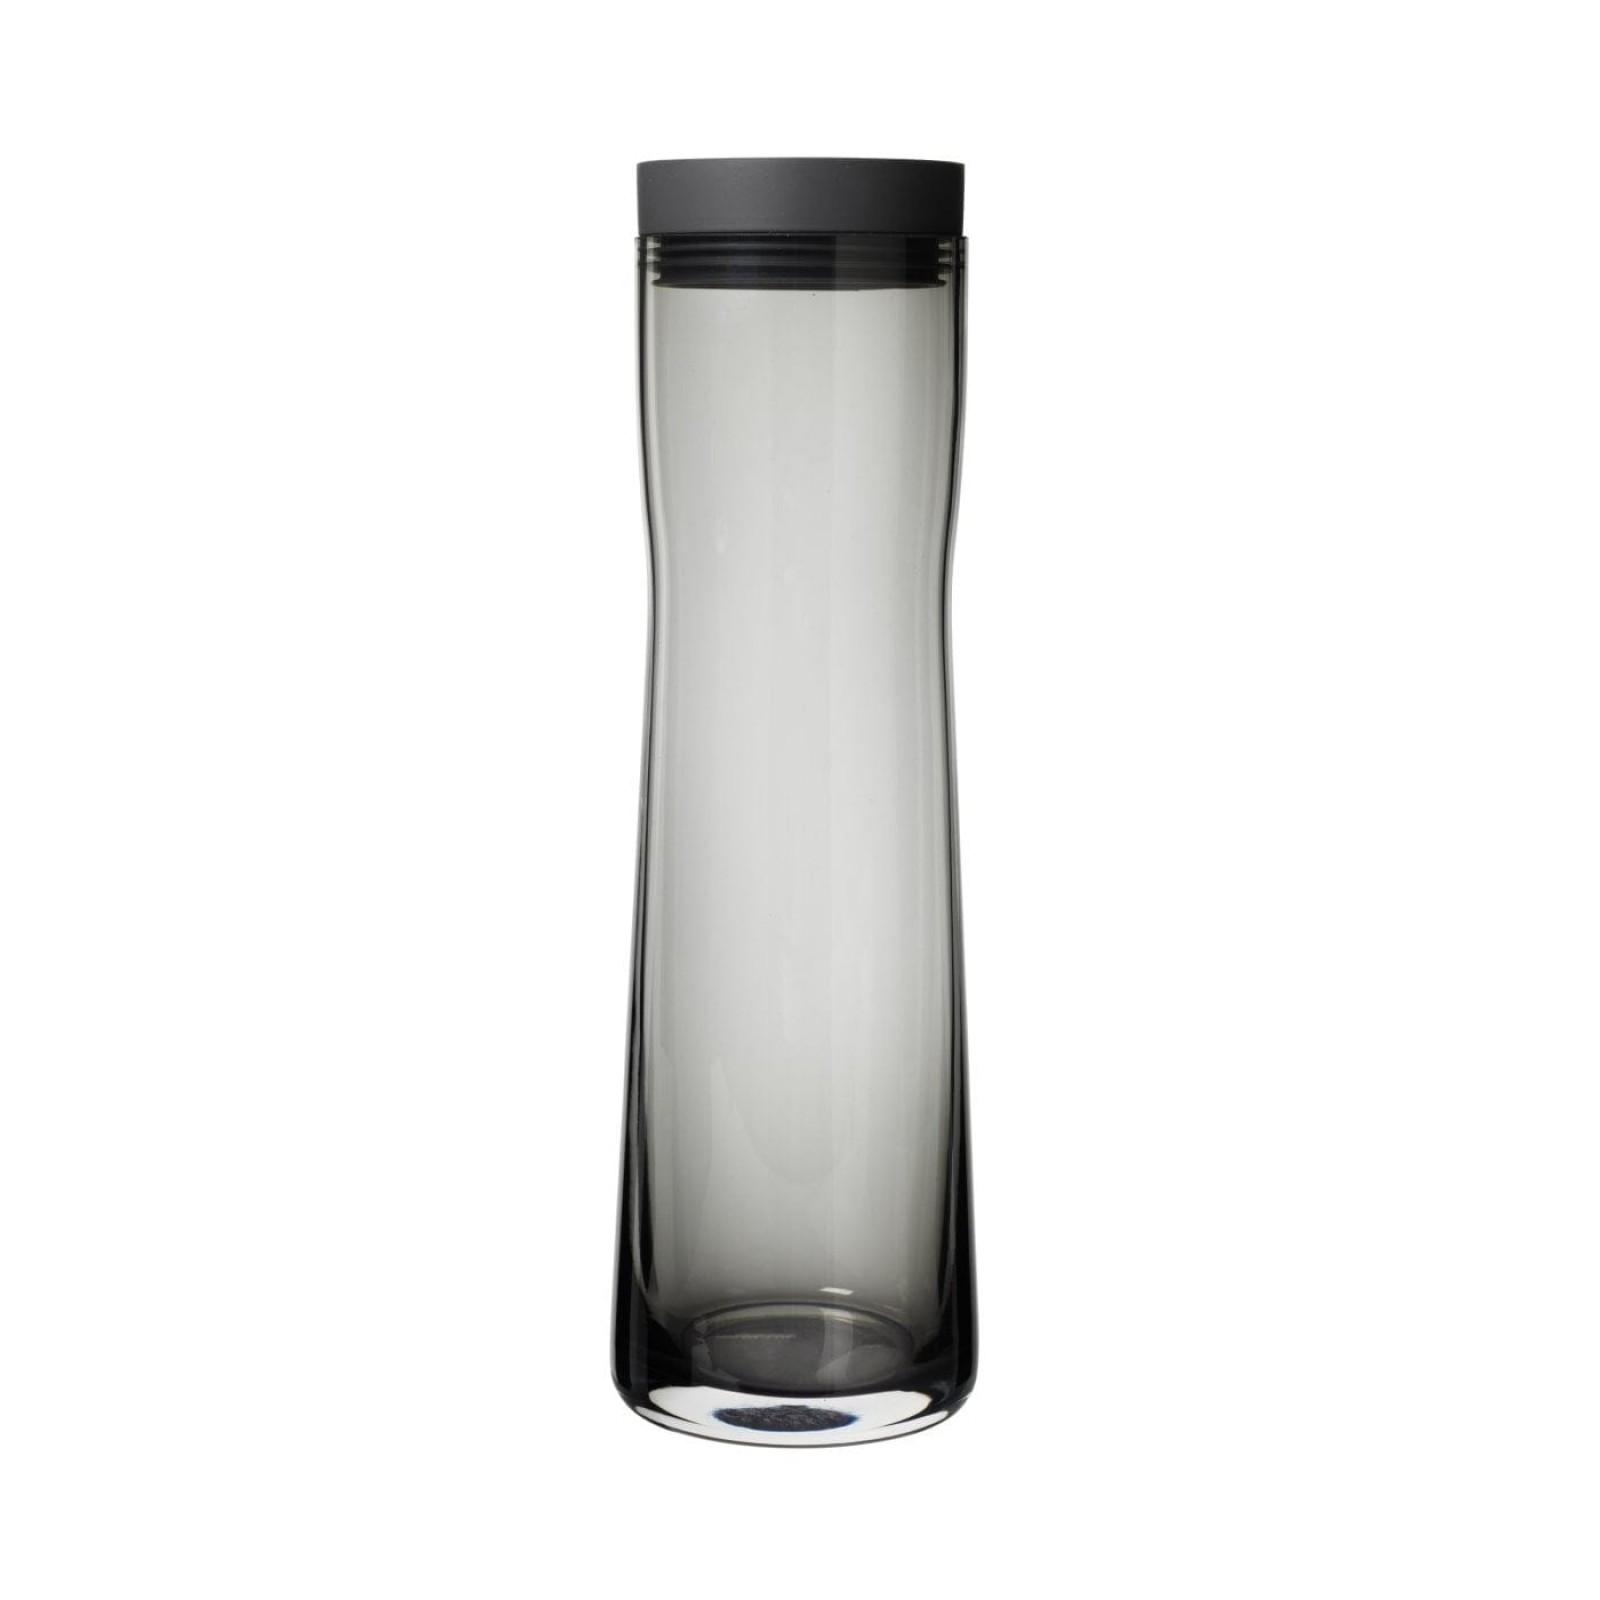 SPLASH Water Carafe 1 Liter Black - Blomus